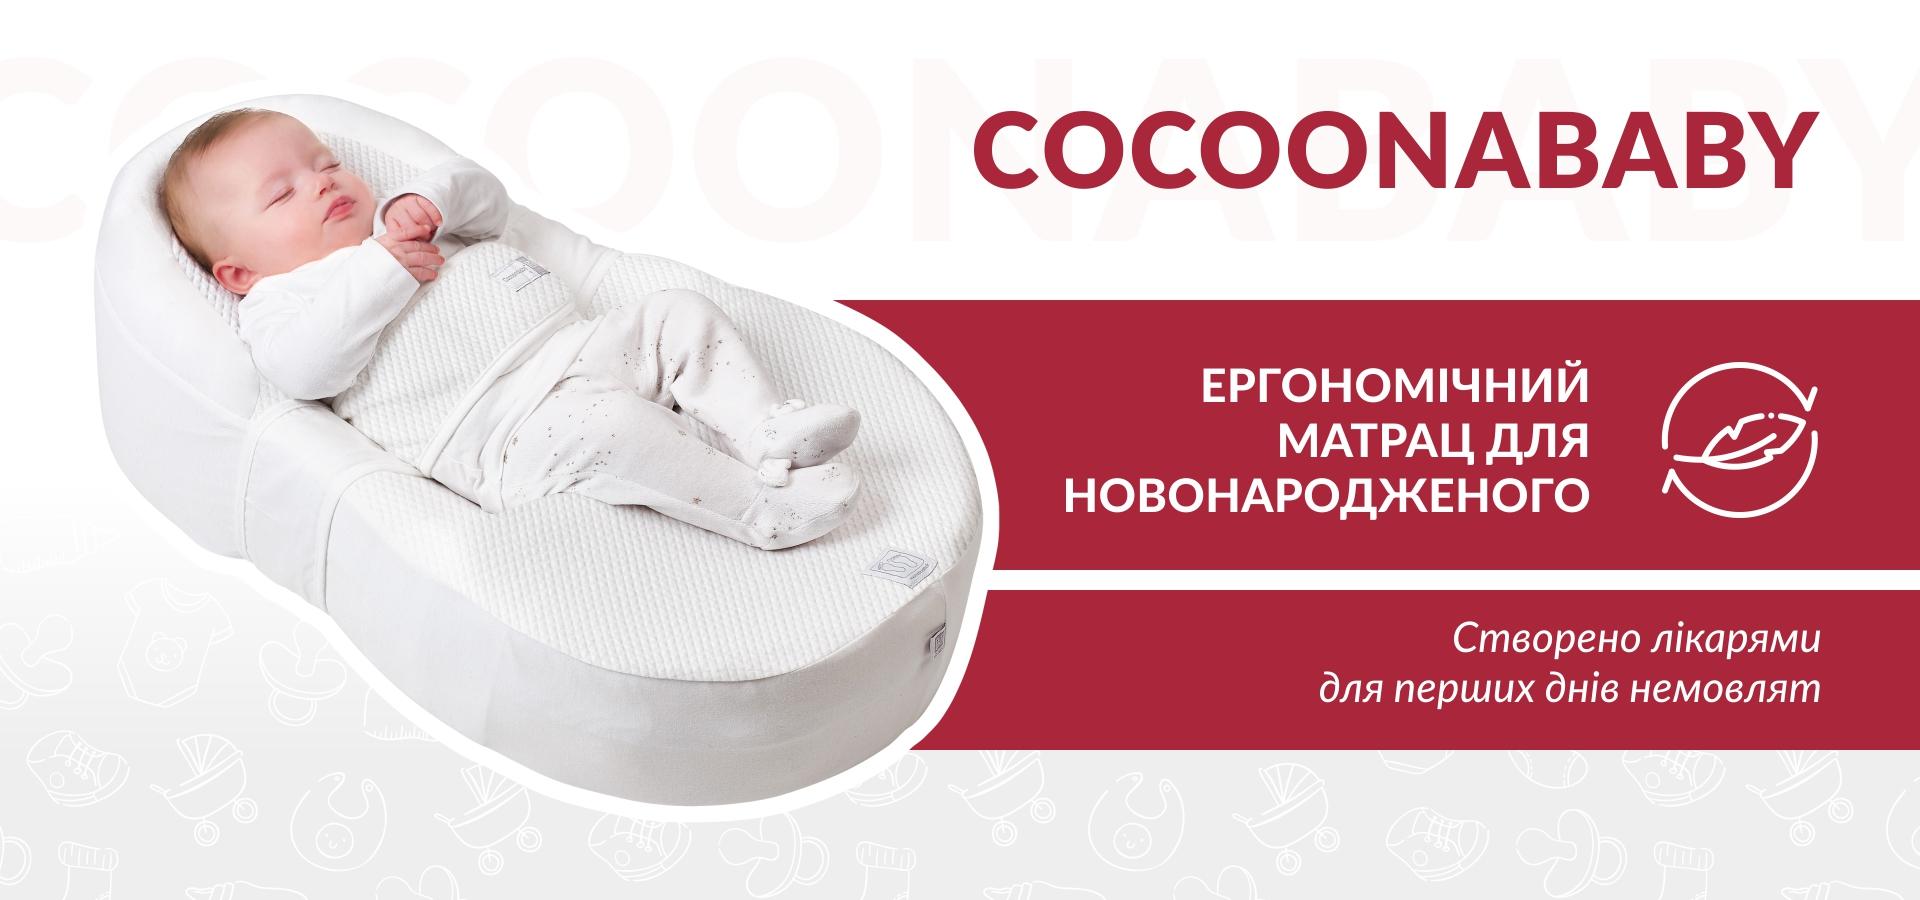 Сocoonababy